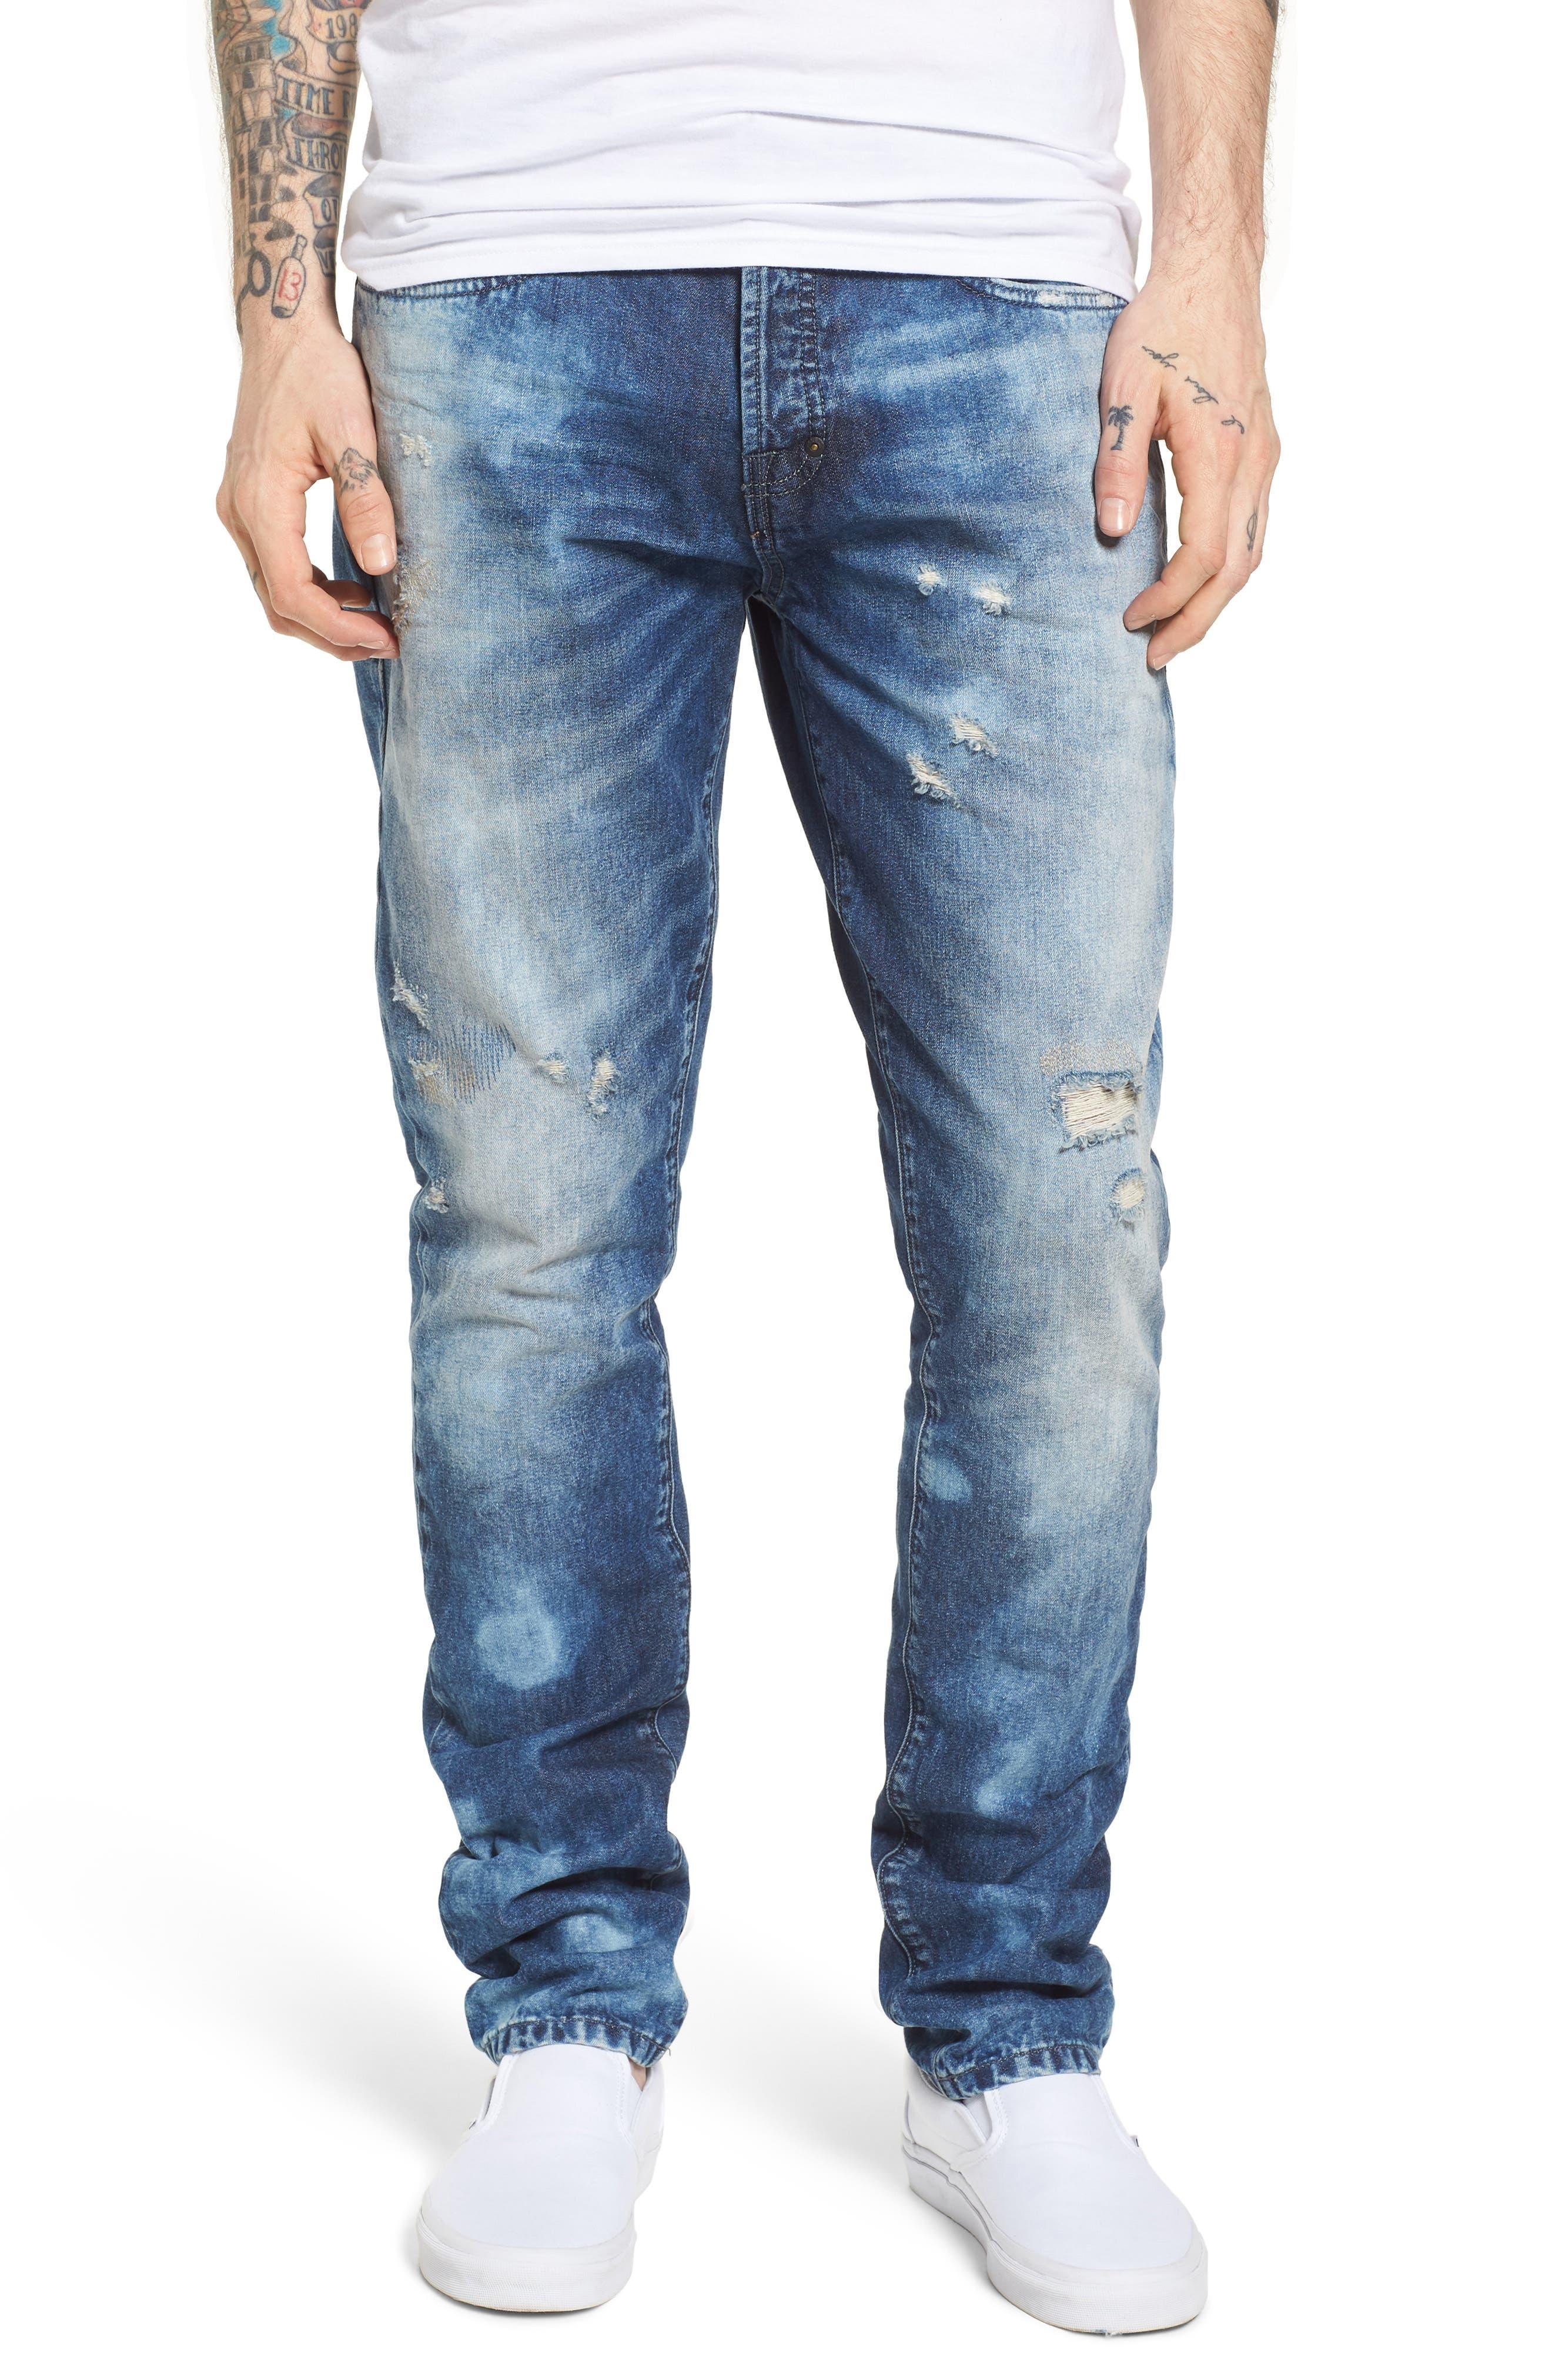 Le Sabre Slim Fit Jeans,                             Main thumbnail 1, color,                             496